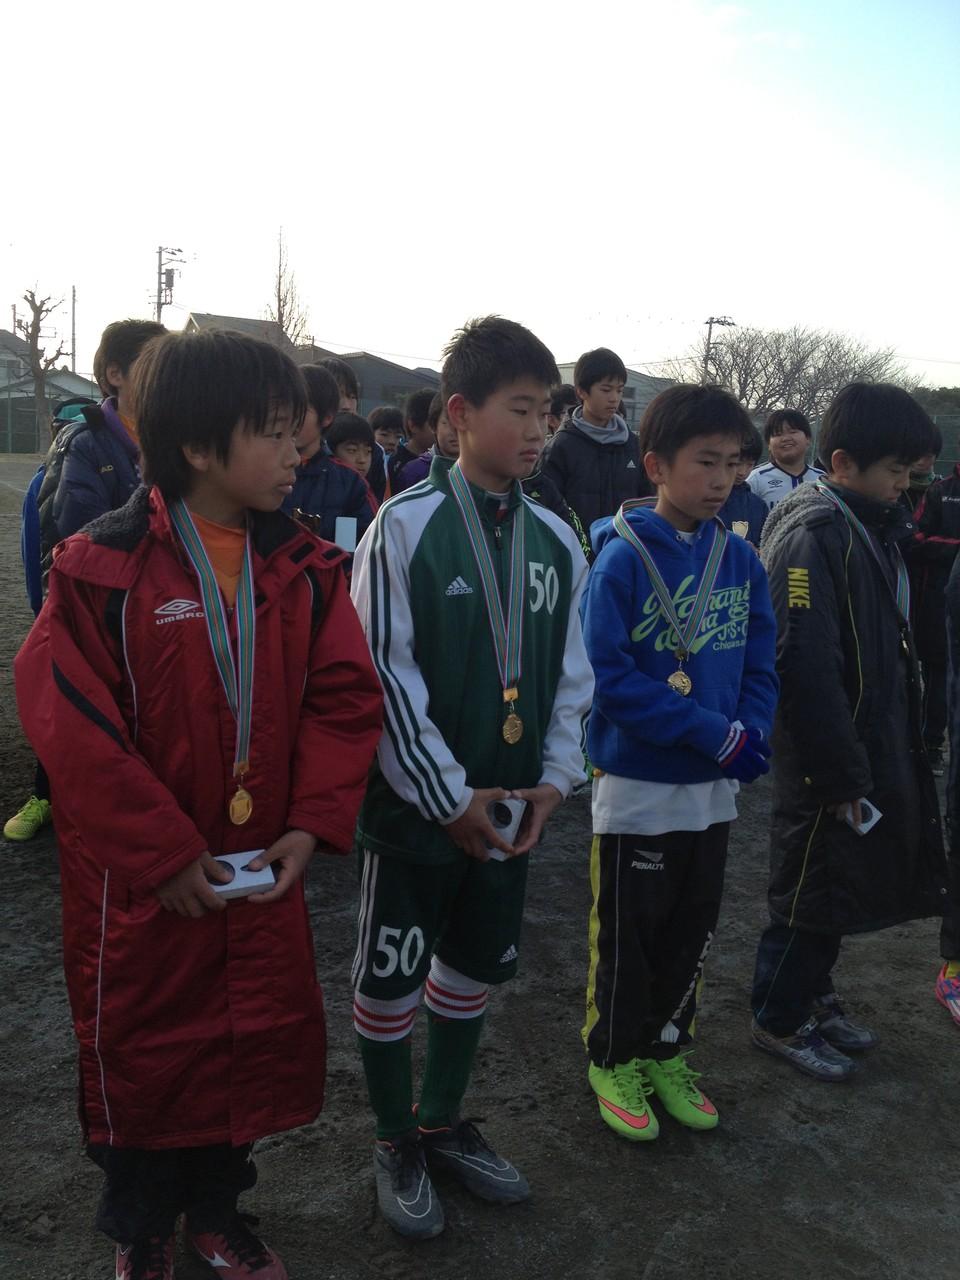 浜見平カップ U-12(6年生) 優秀選手賞